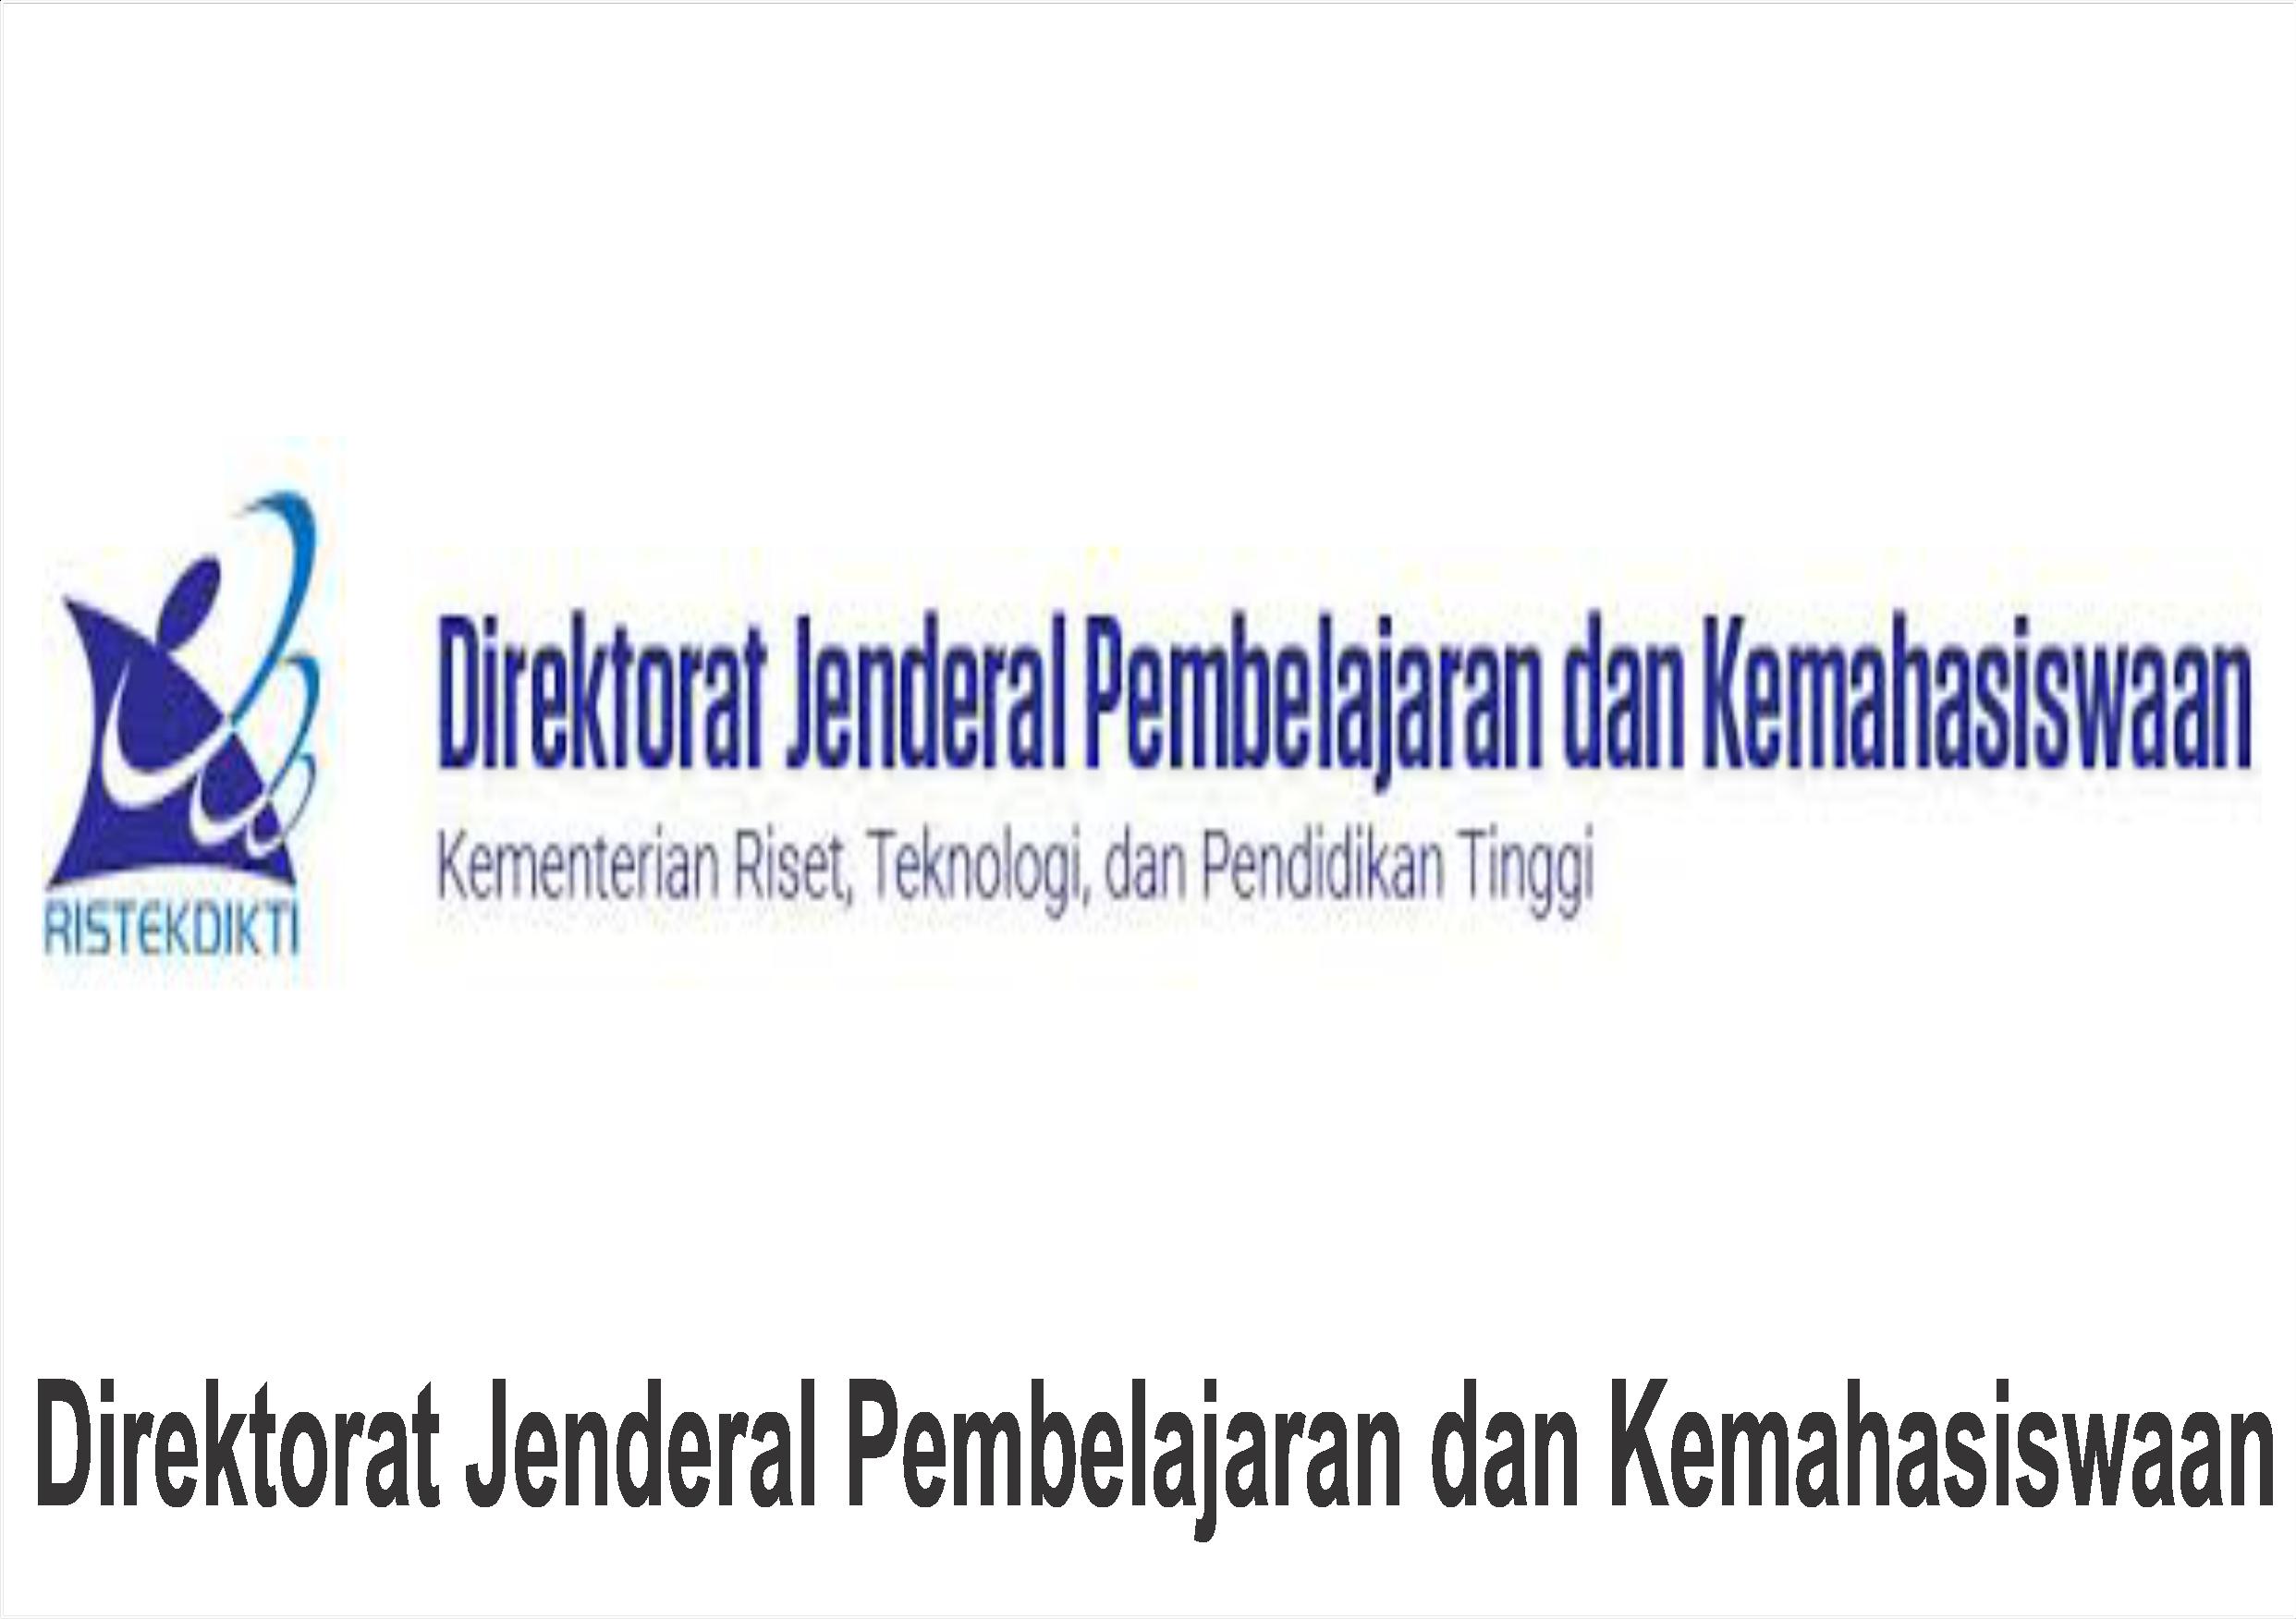 Direktorat Jenderal Pembelajaran dan Kemahasiswaan